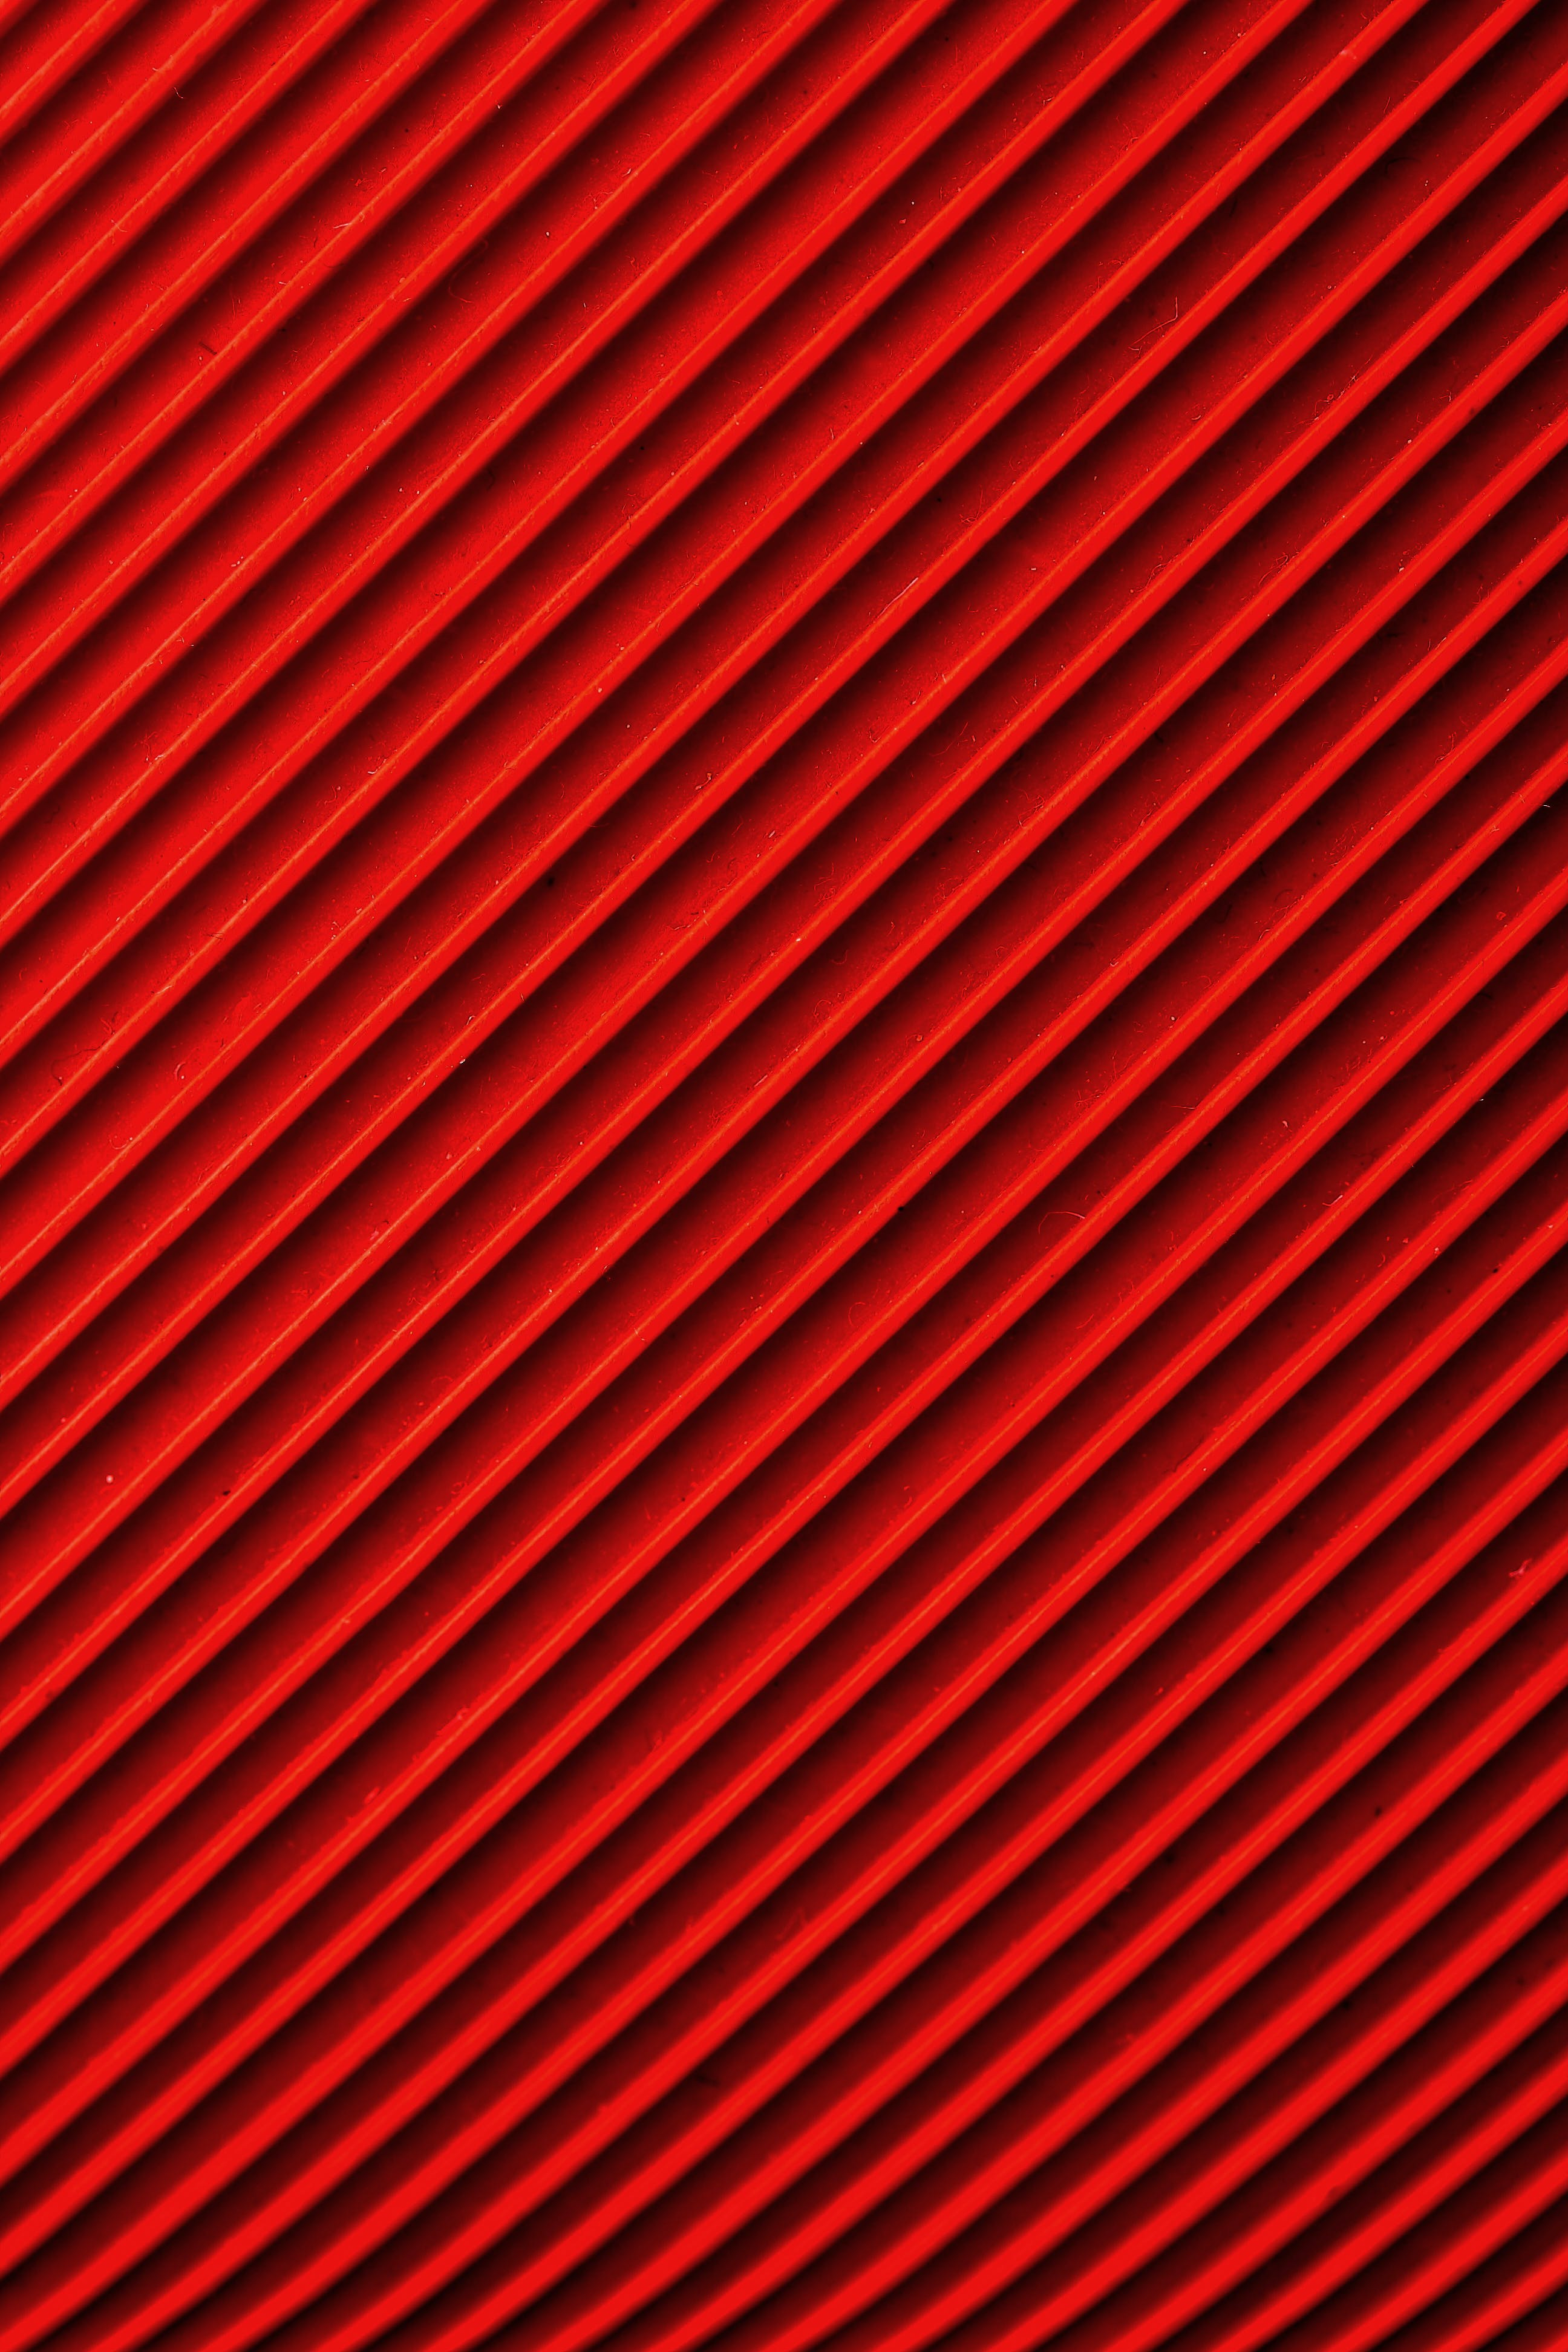 Immagine gratuita di arte, artistico, colore vibrante, diagonale